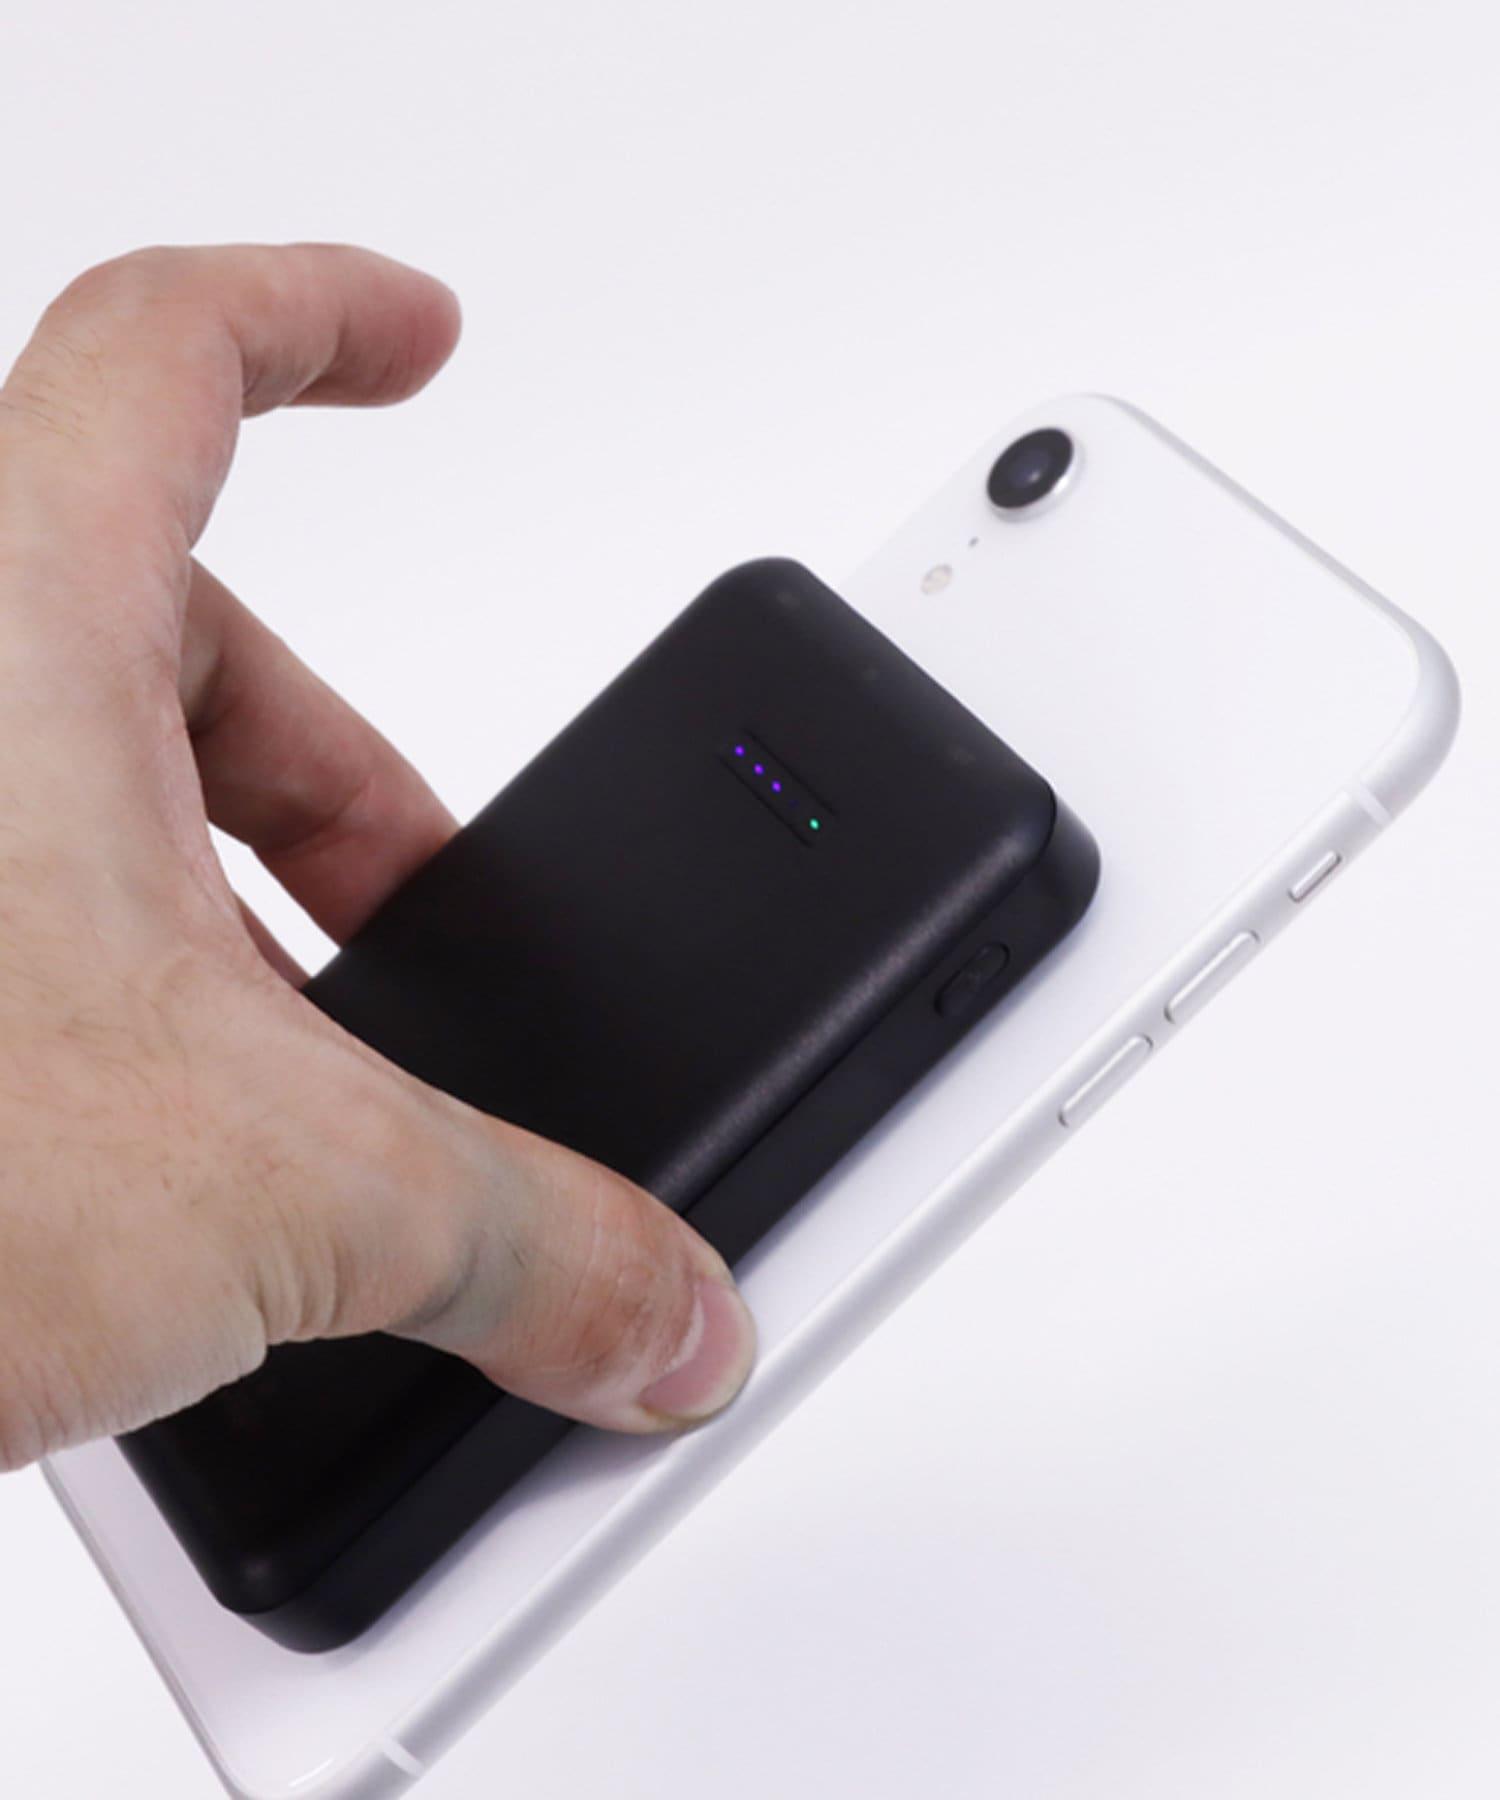 3COINS(スリーコインズ) ライフスタイル ワイヤレスモバイルバッテリー5000mAh ブラック